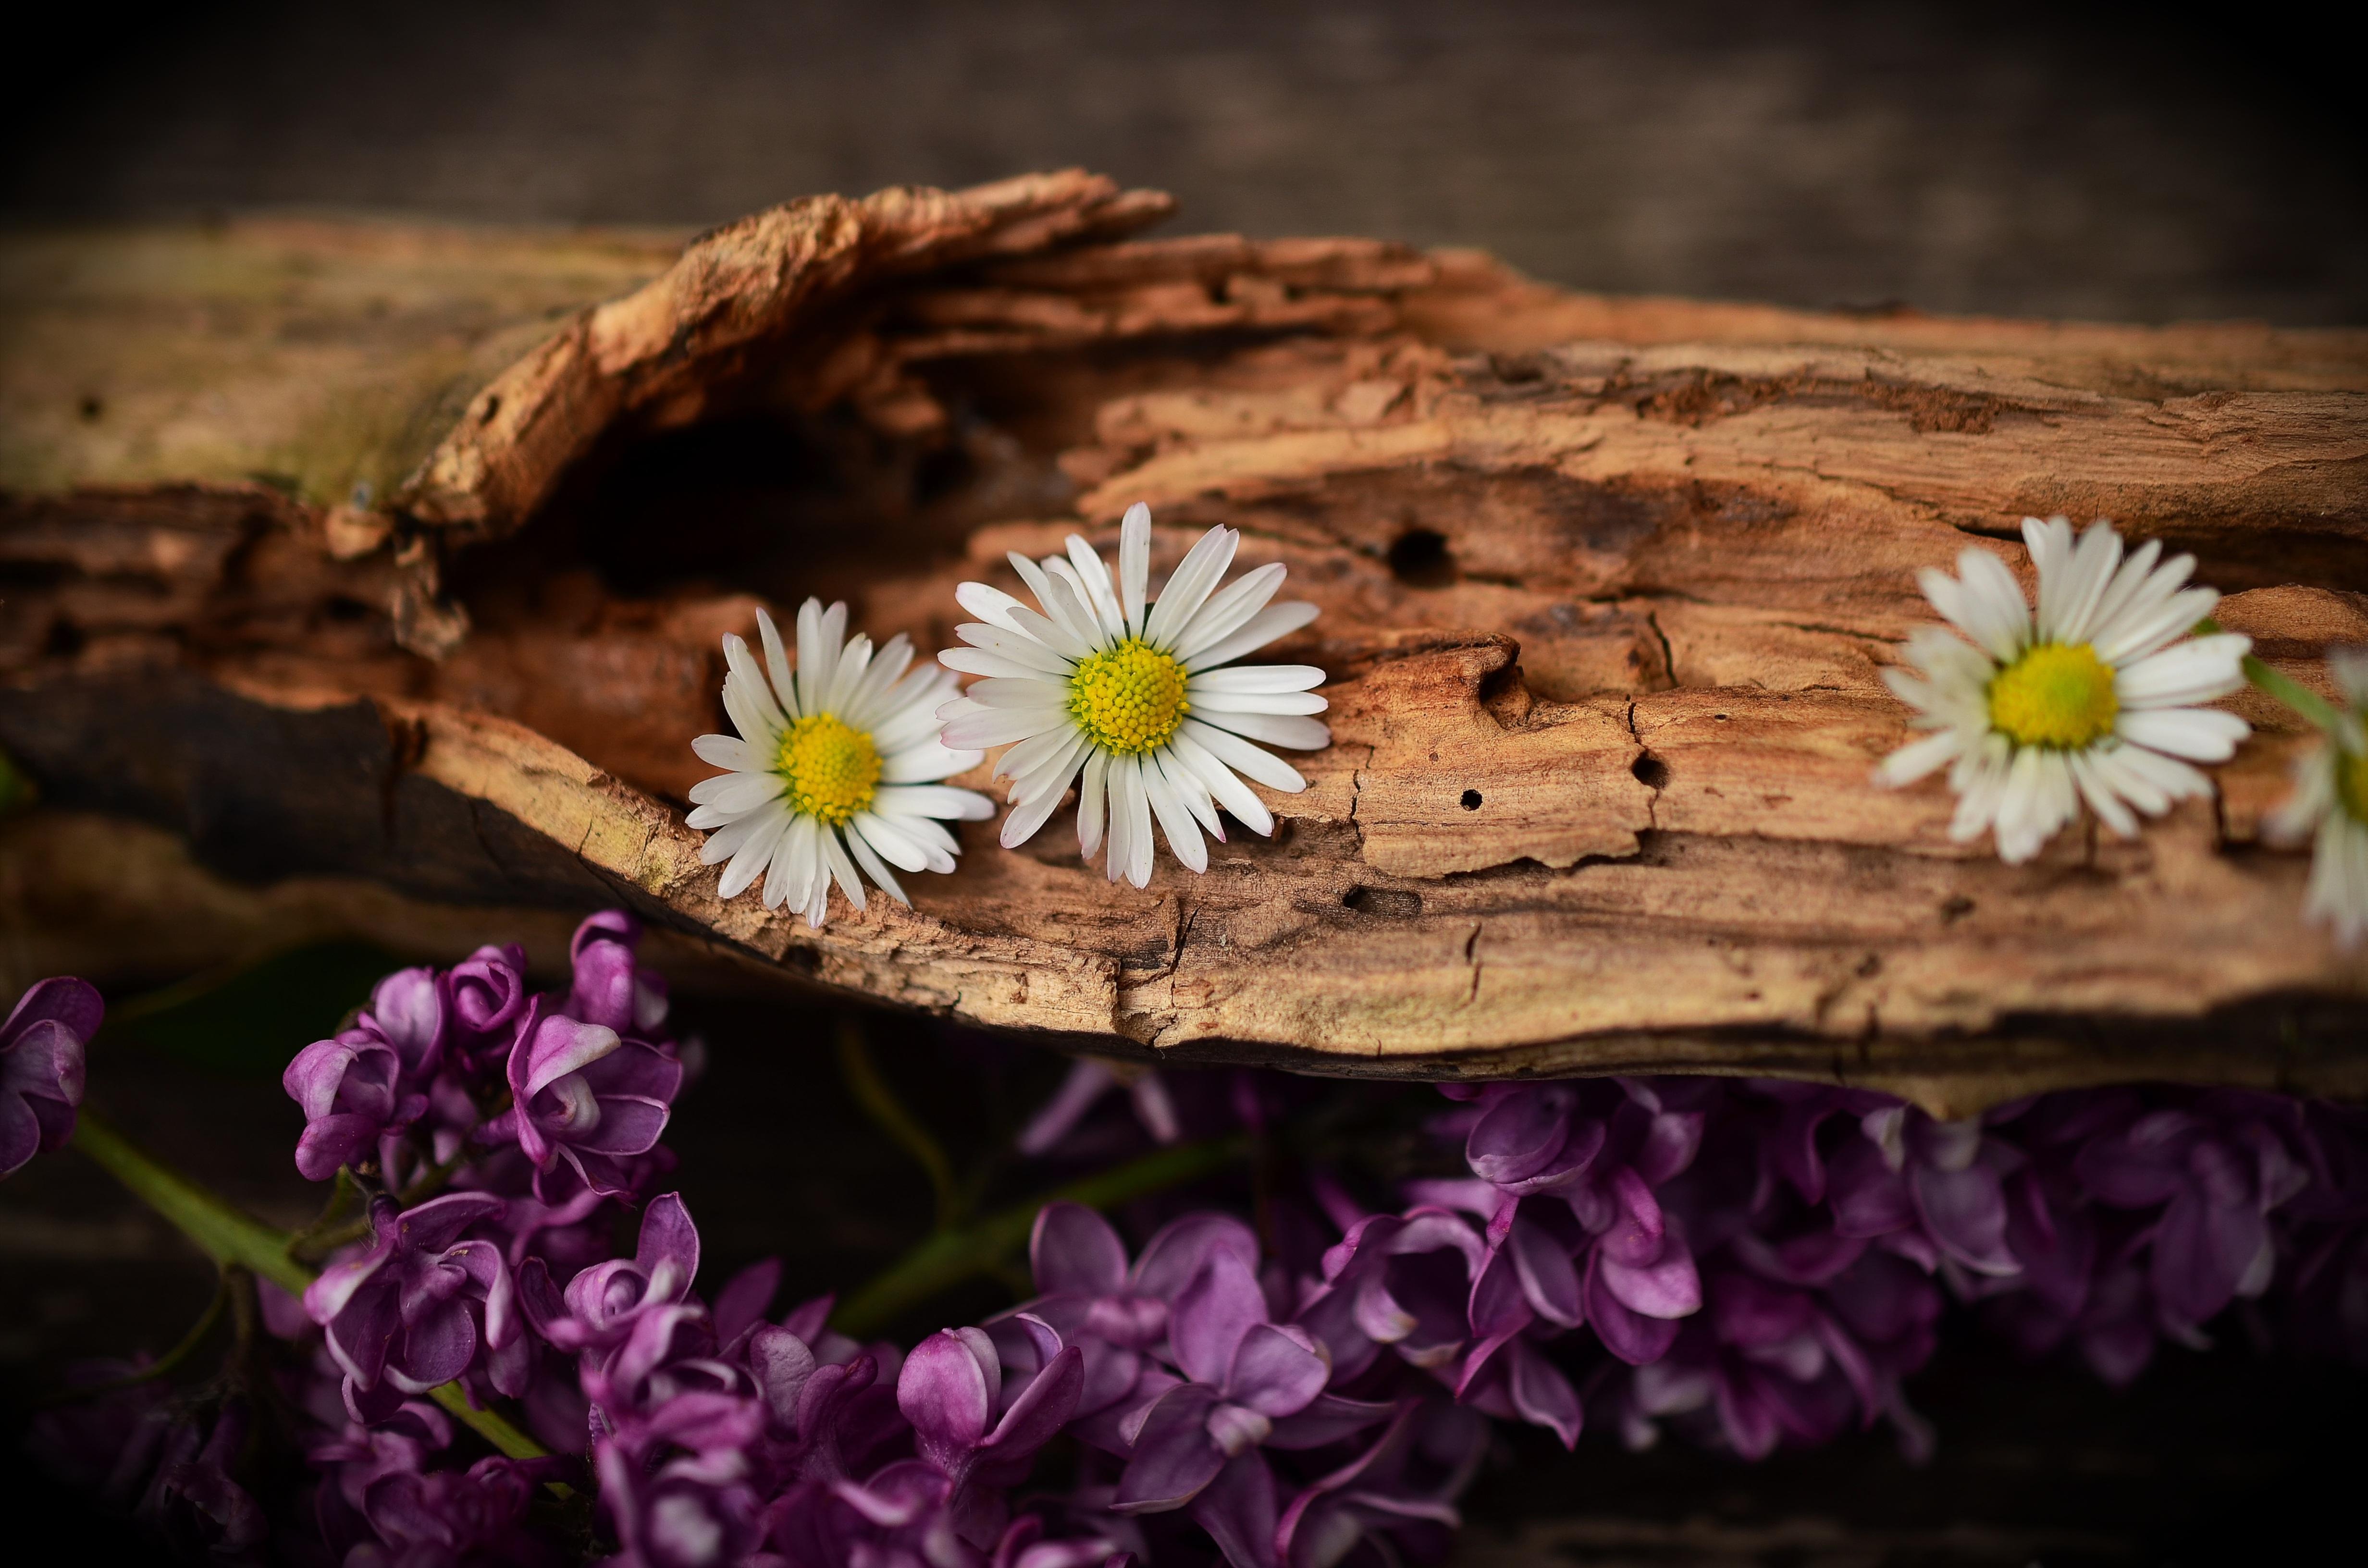 144933 Hintergrundbild herunterladen Blumen, Lilac, Kamille, Borke, Bellen - Bildschirmschoner und Bilder kostenlos